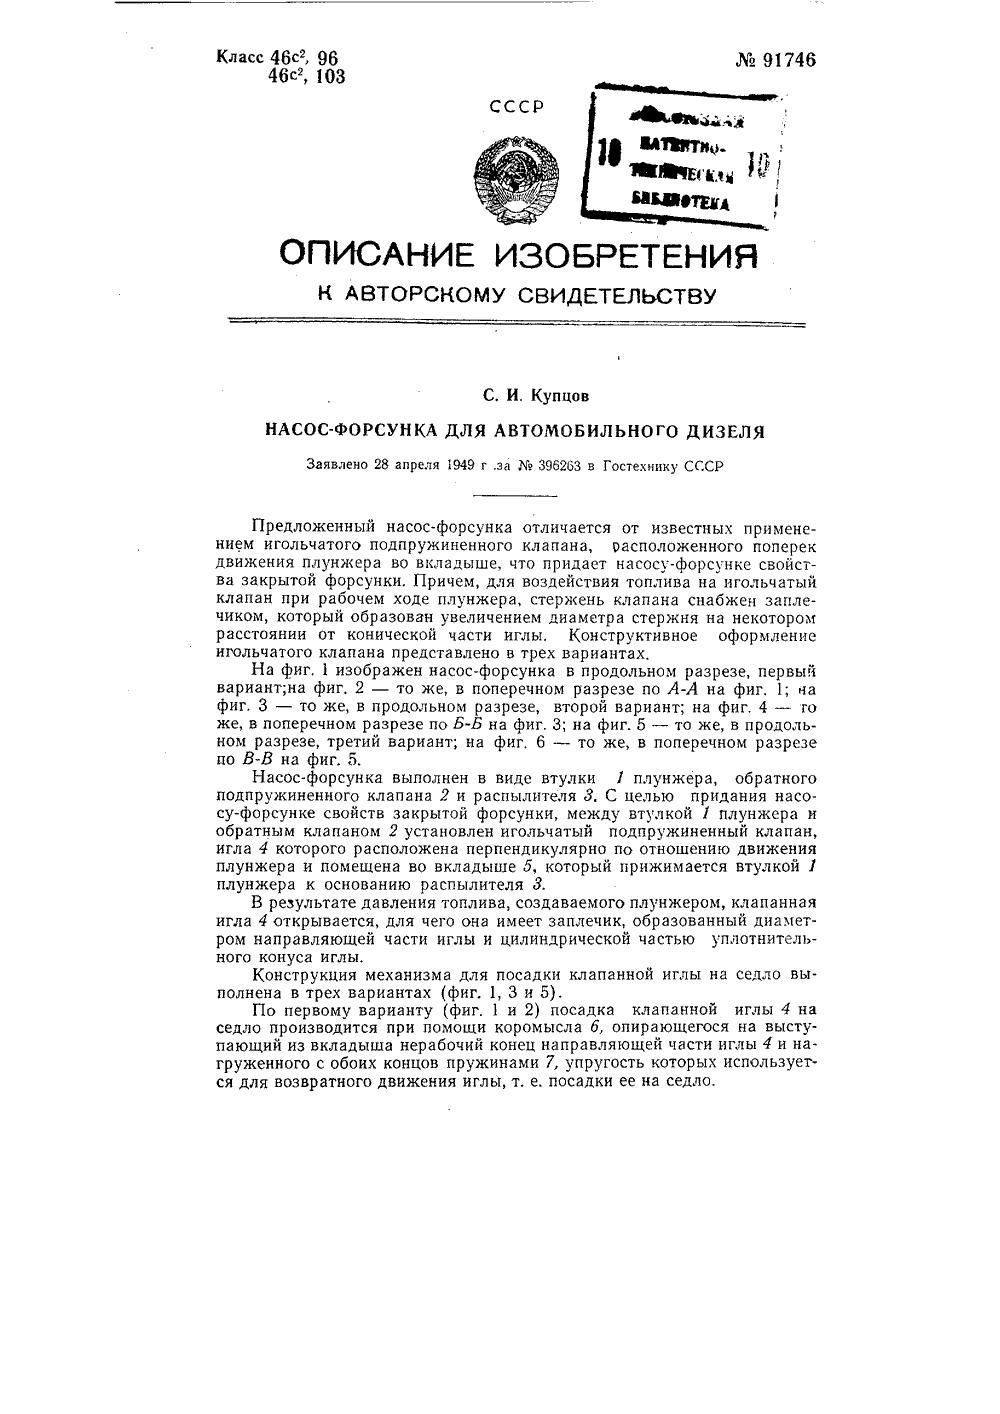 схема воздухоотделителя вакуум насоса